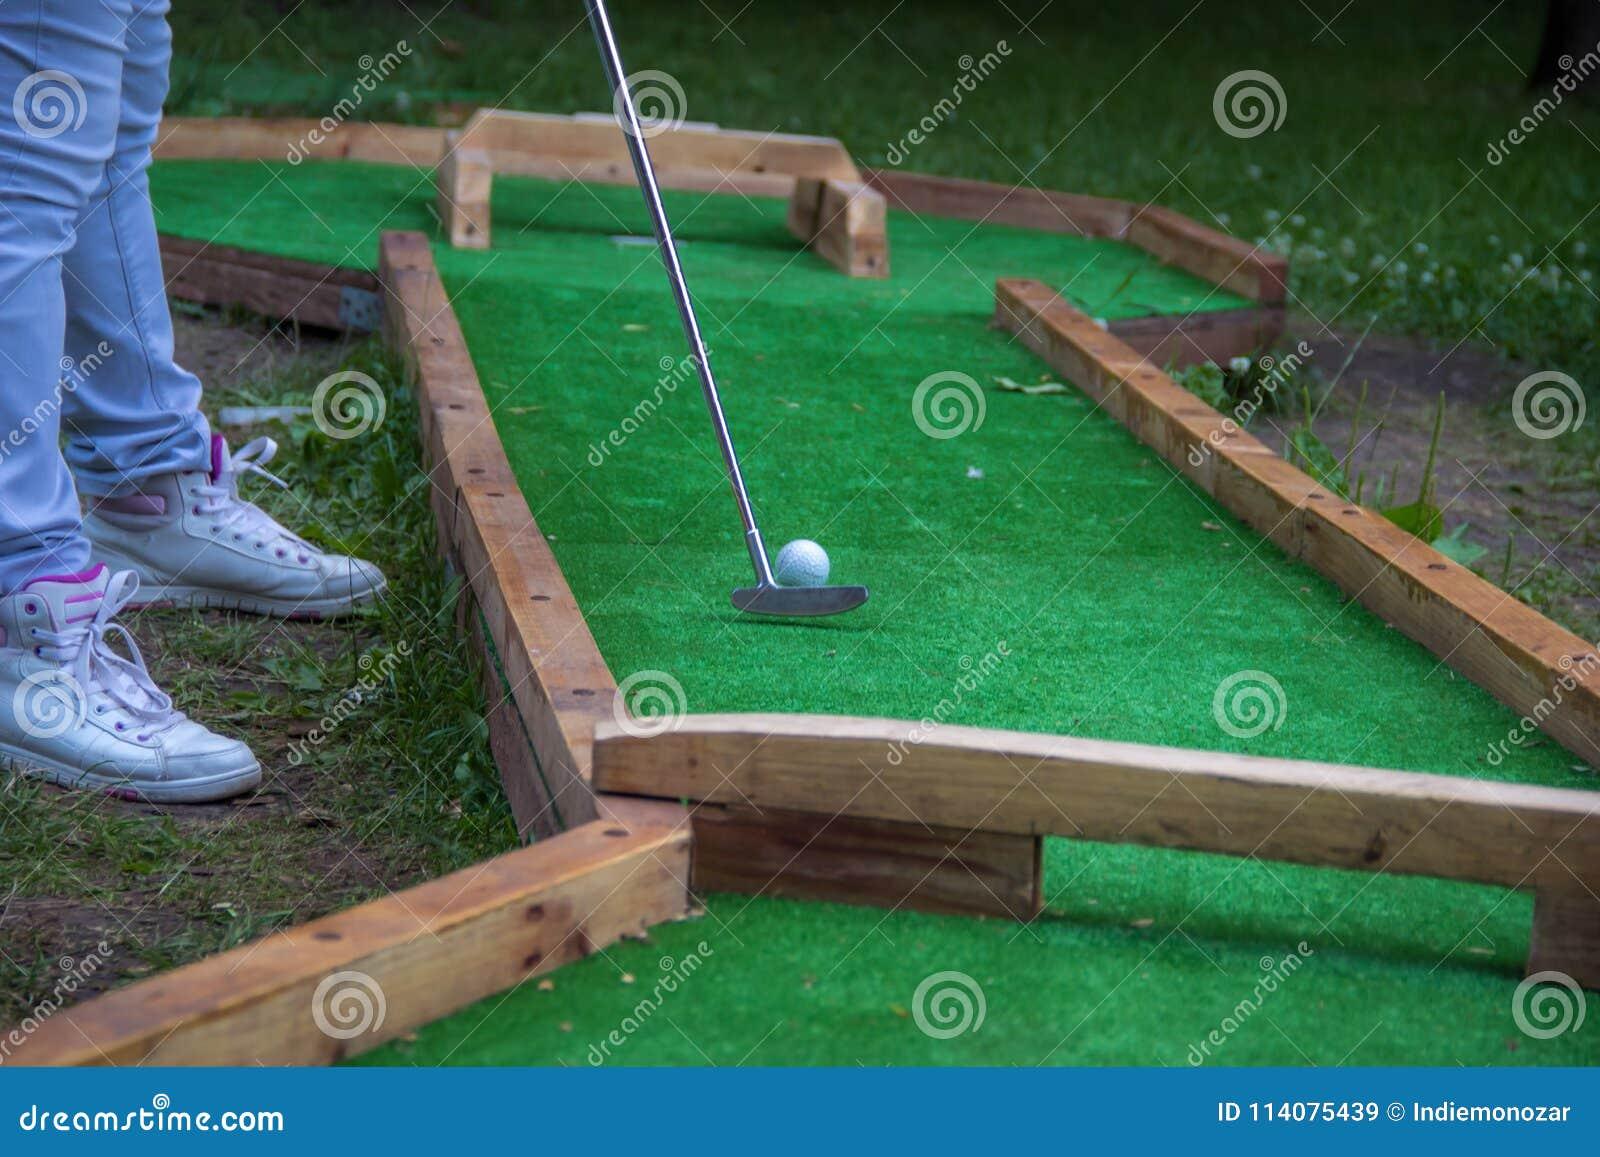 Woman legs, golfing on the green, woman putting ball. Final shot, Golf